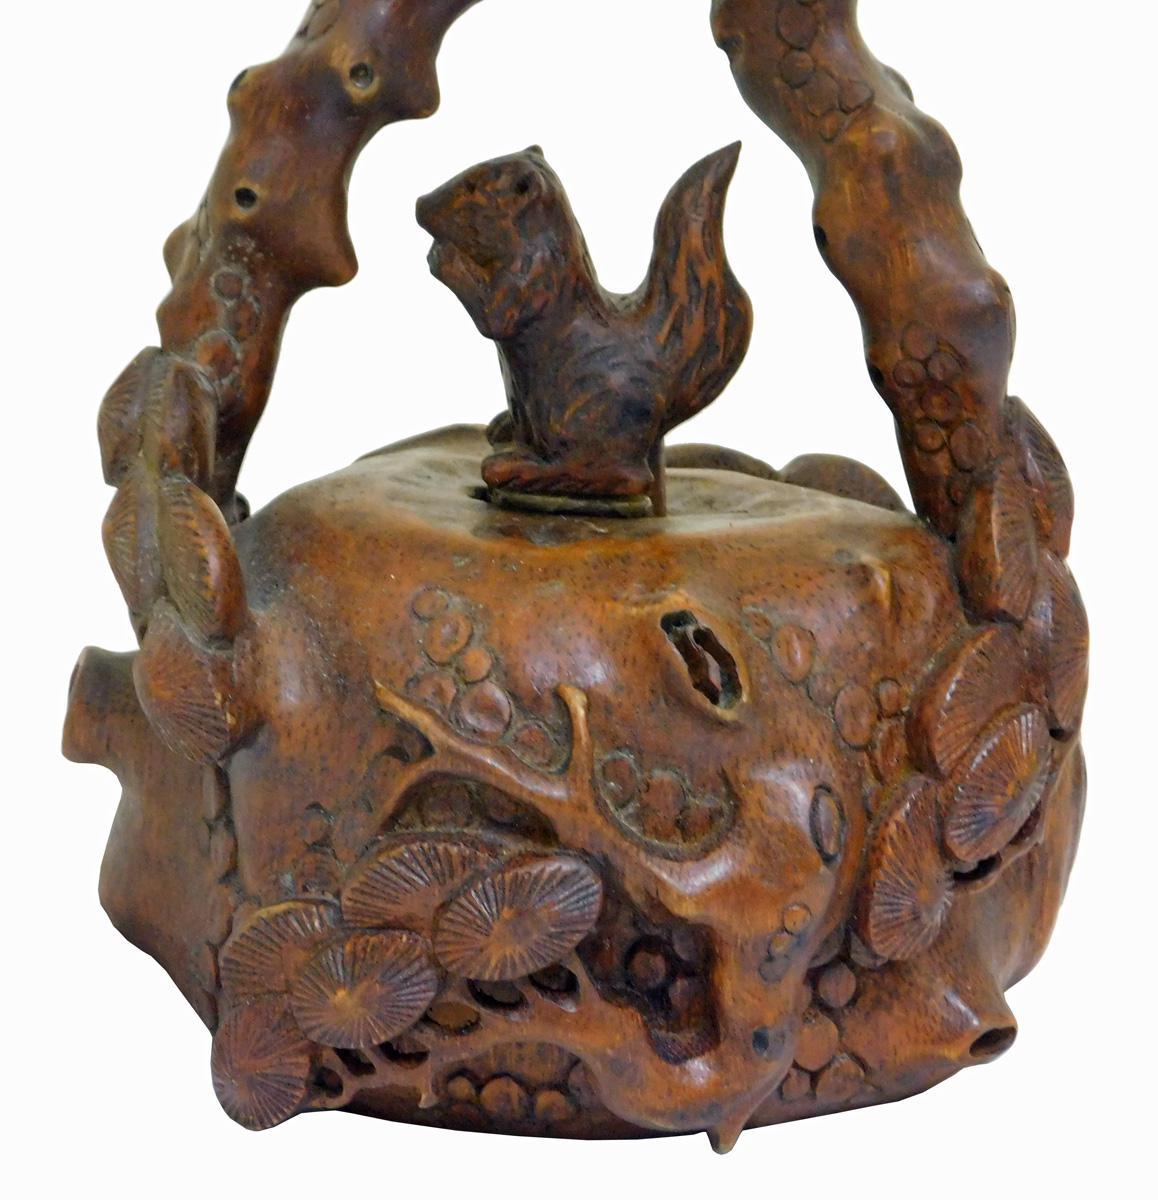 Chinese Hand Carved Bamboo Art Display Chairish